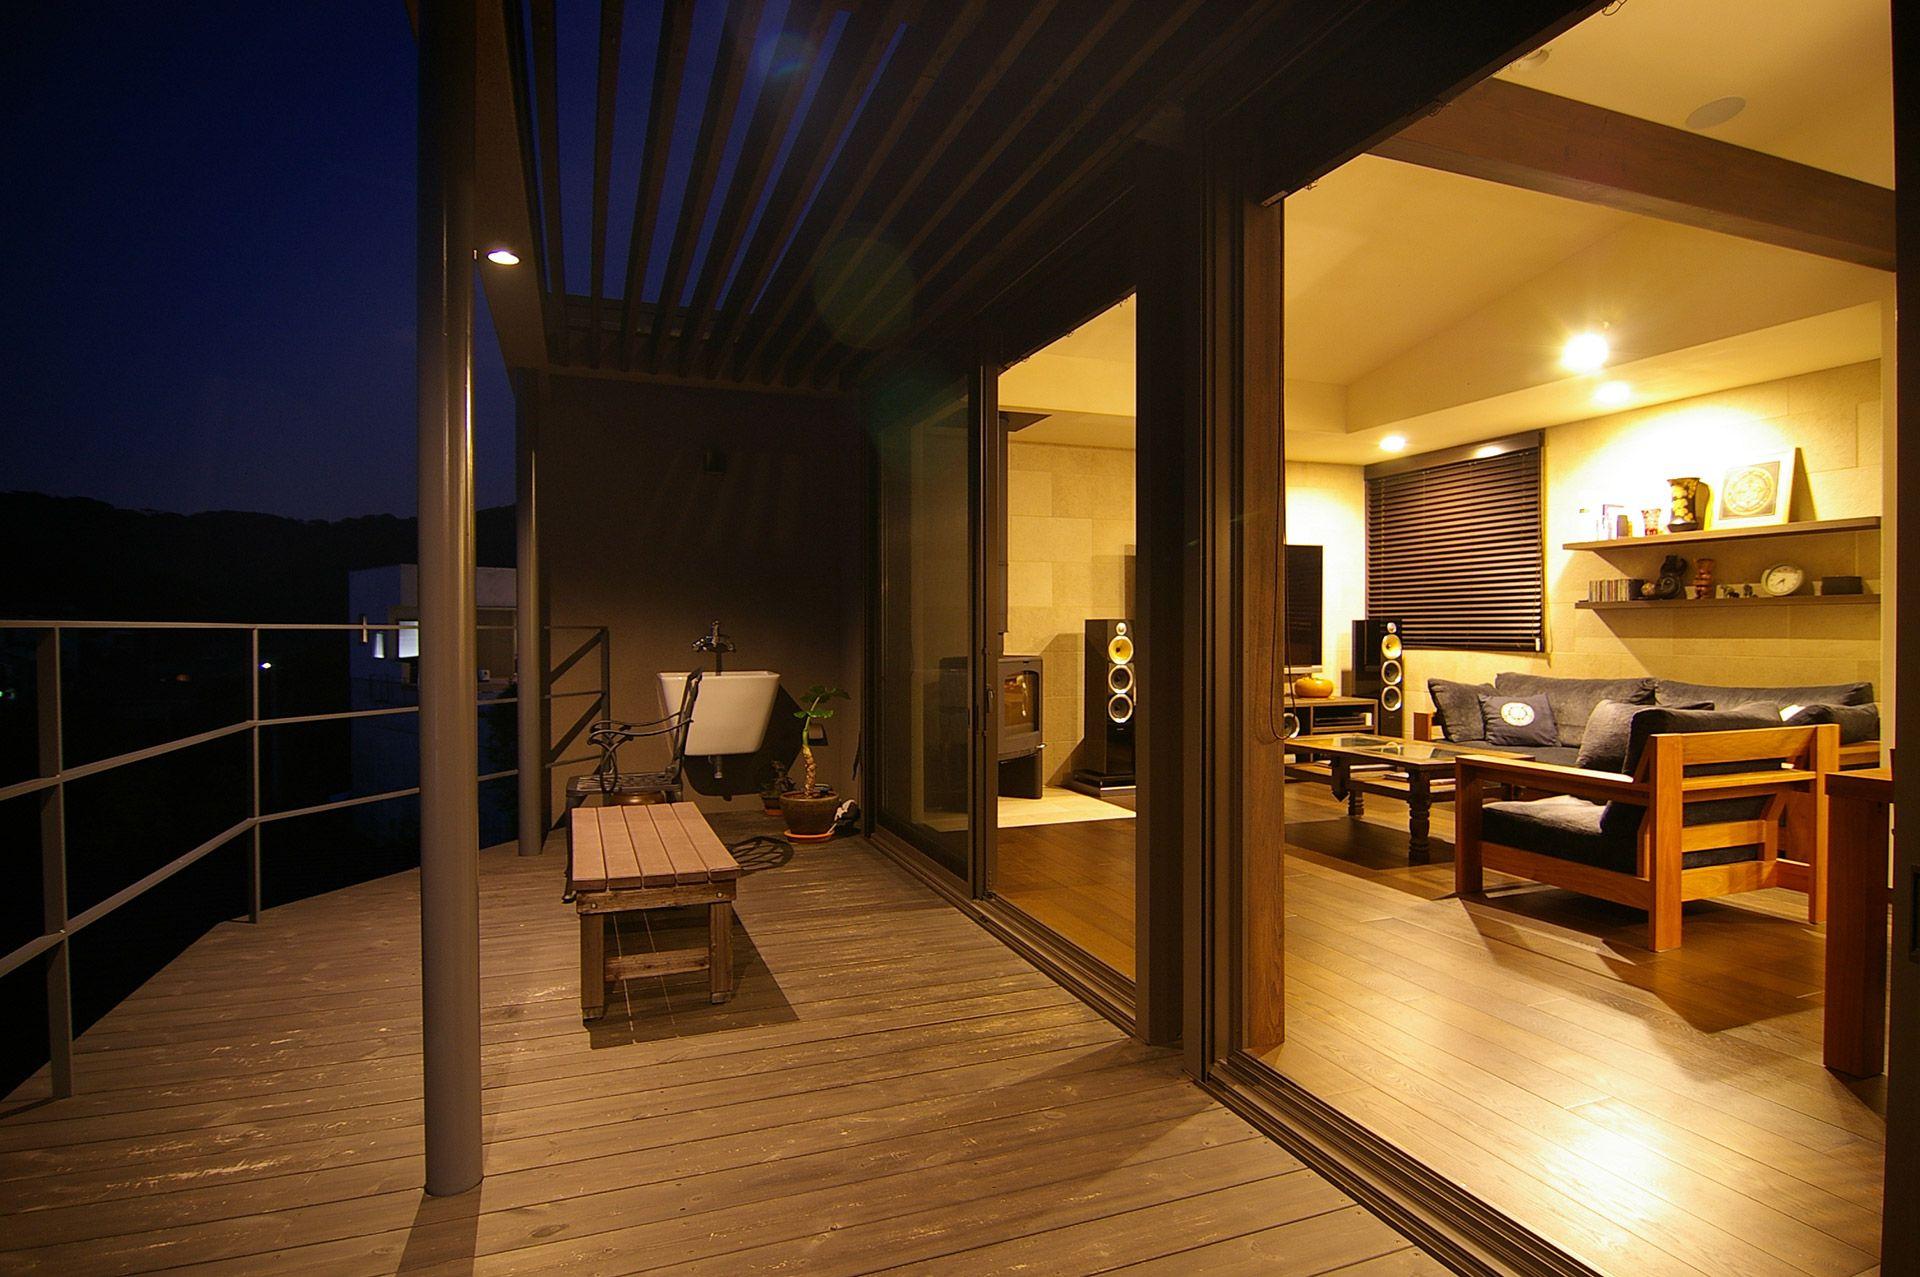 海と富士山を眺める家 横須賀 神奈川県鎌倉市の一級建築士事務所 S